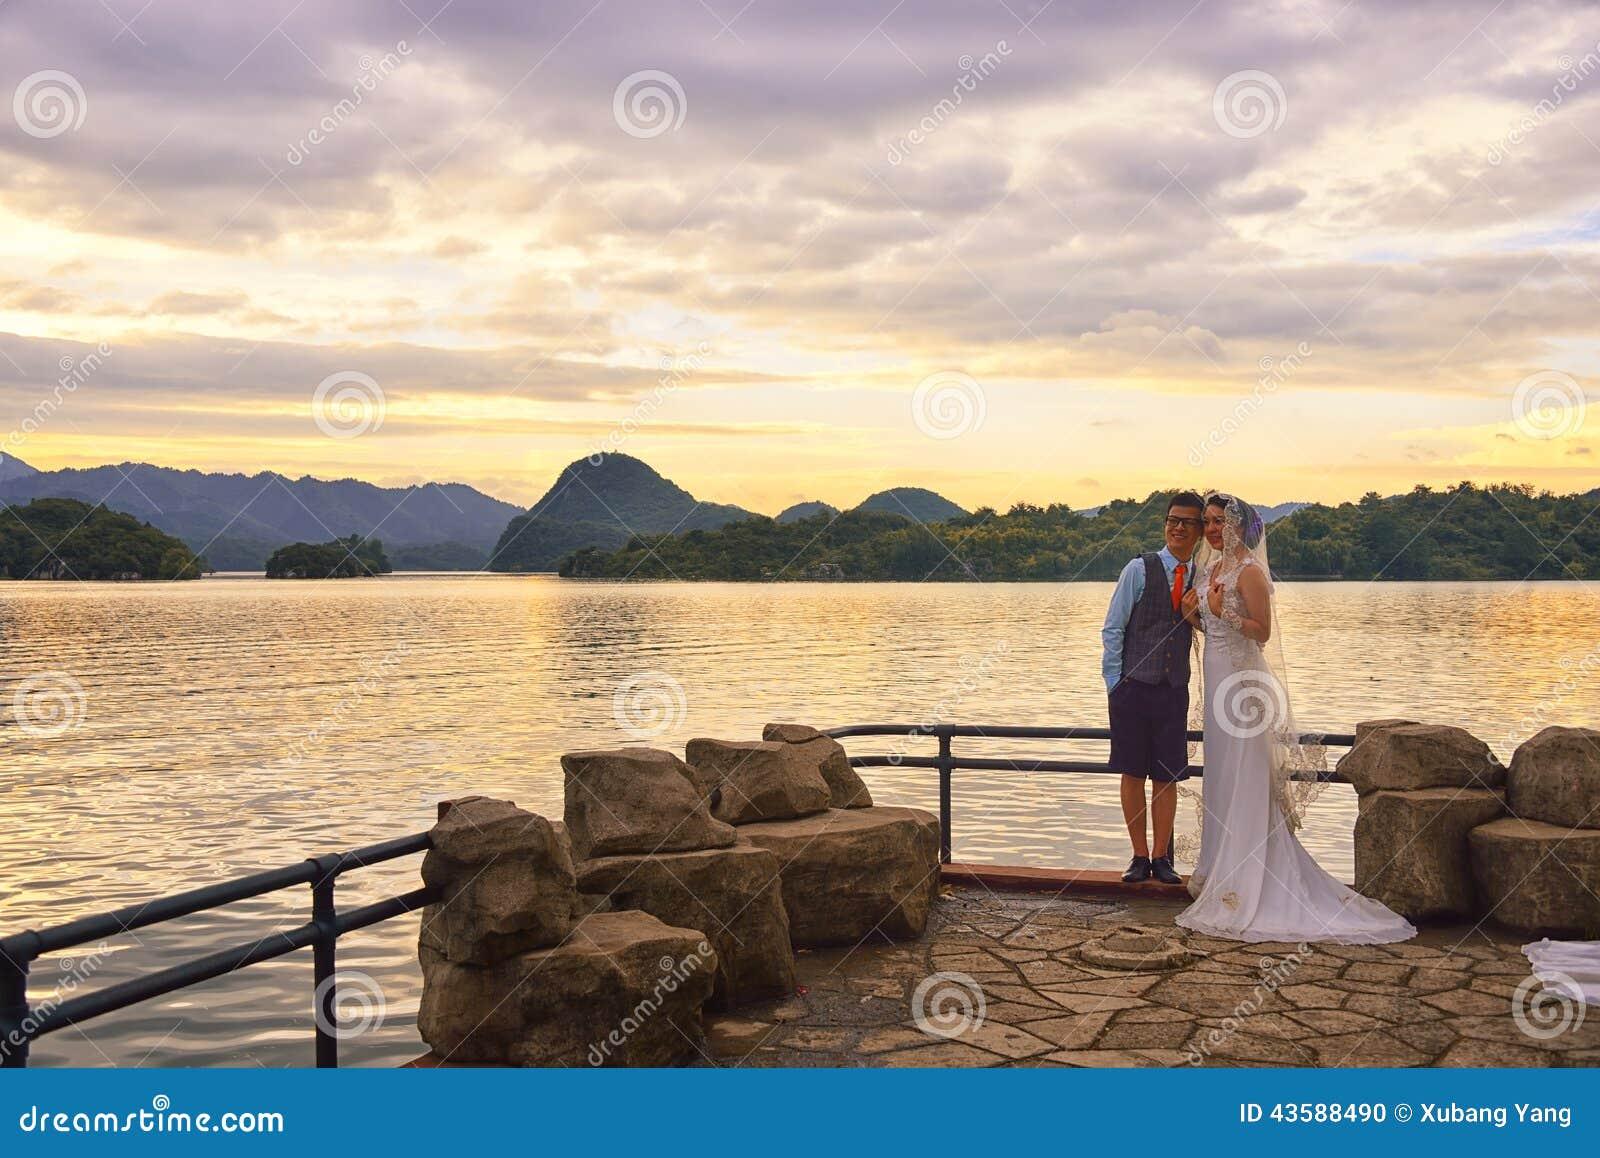 Lake Sunset and  wedding couple